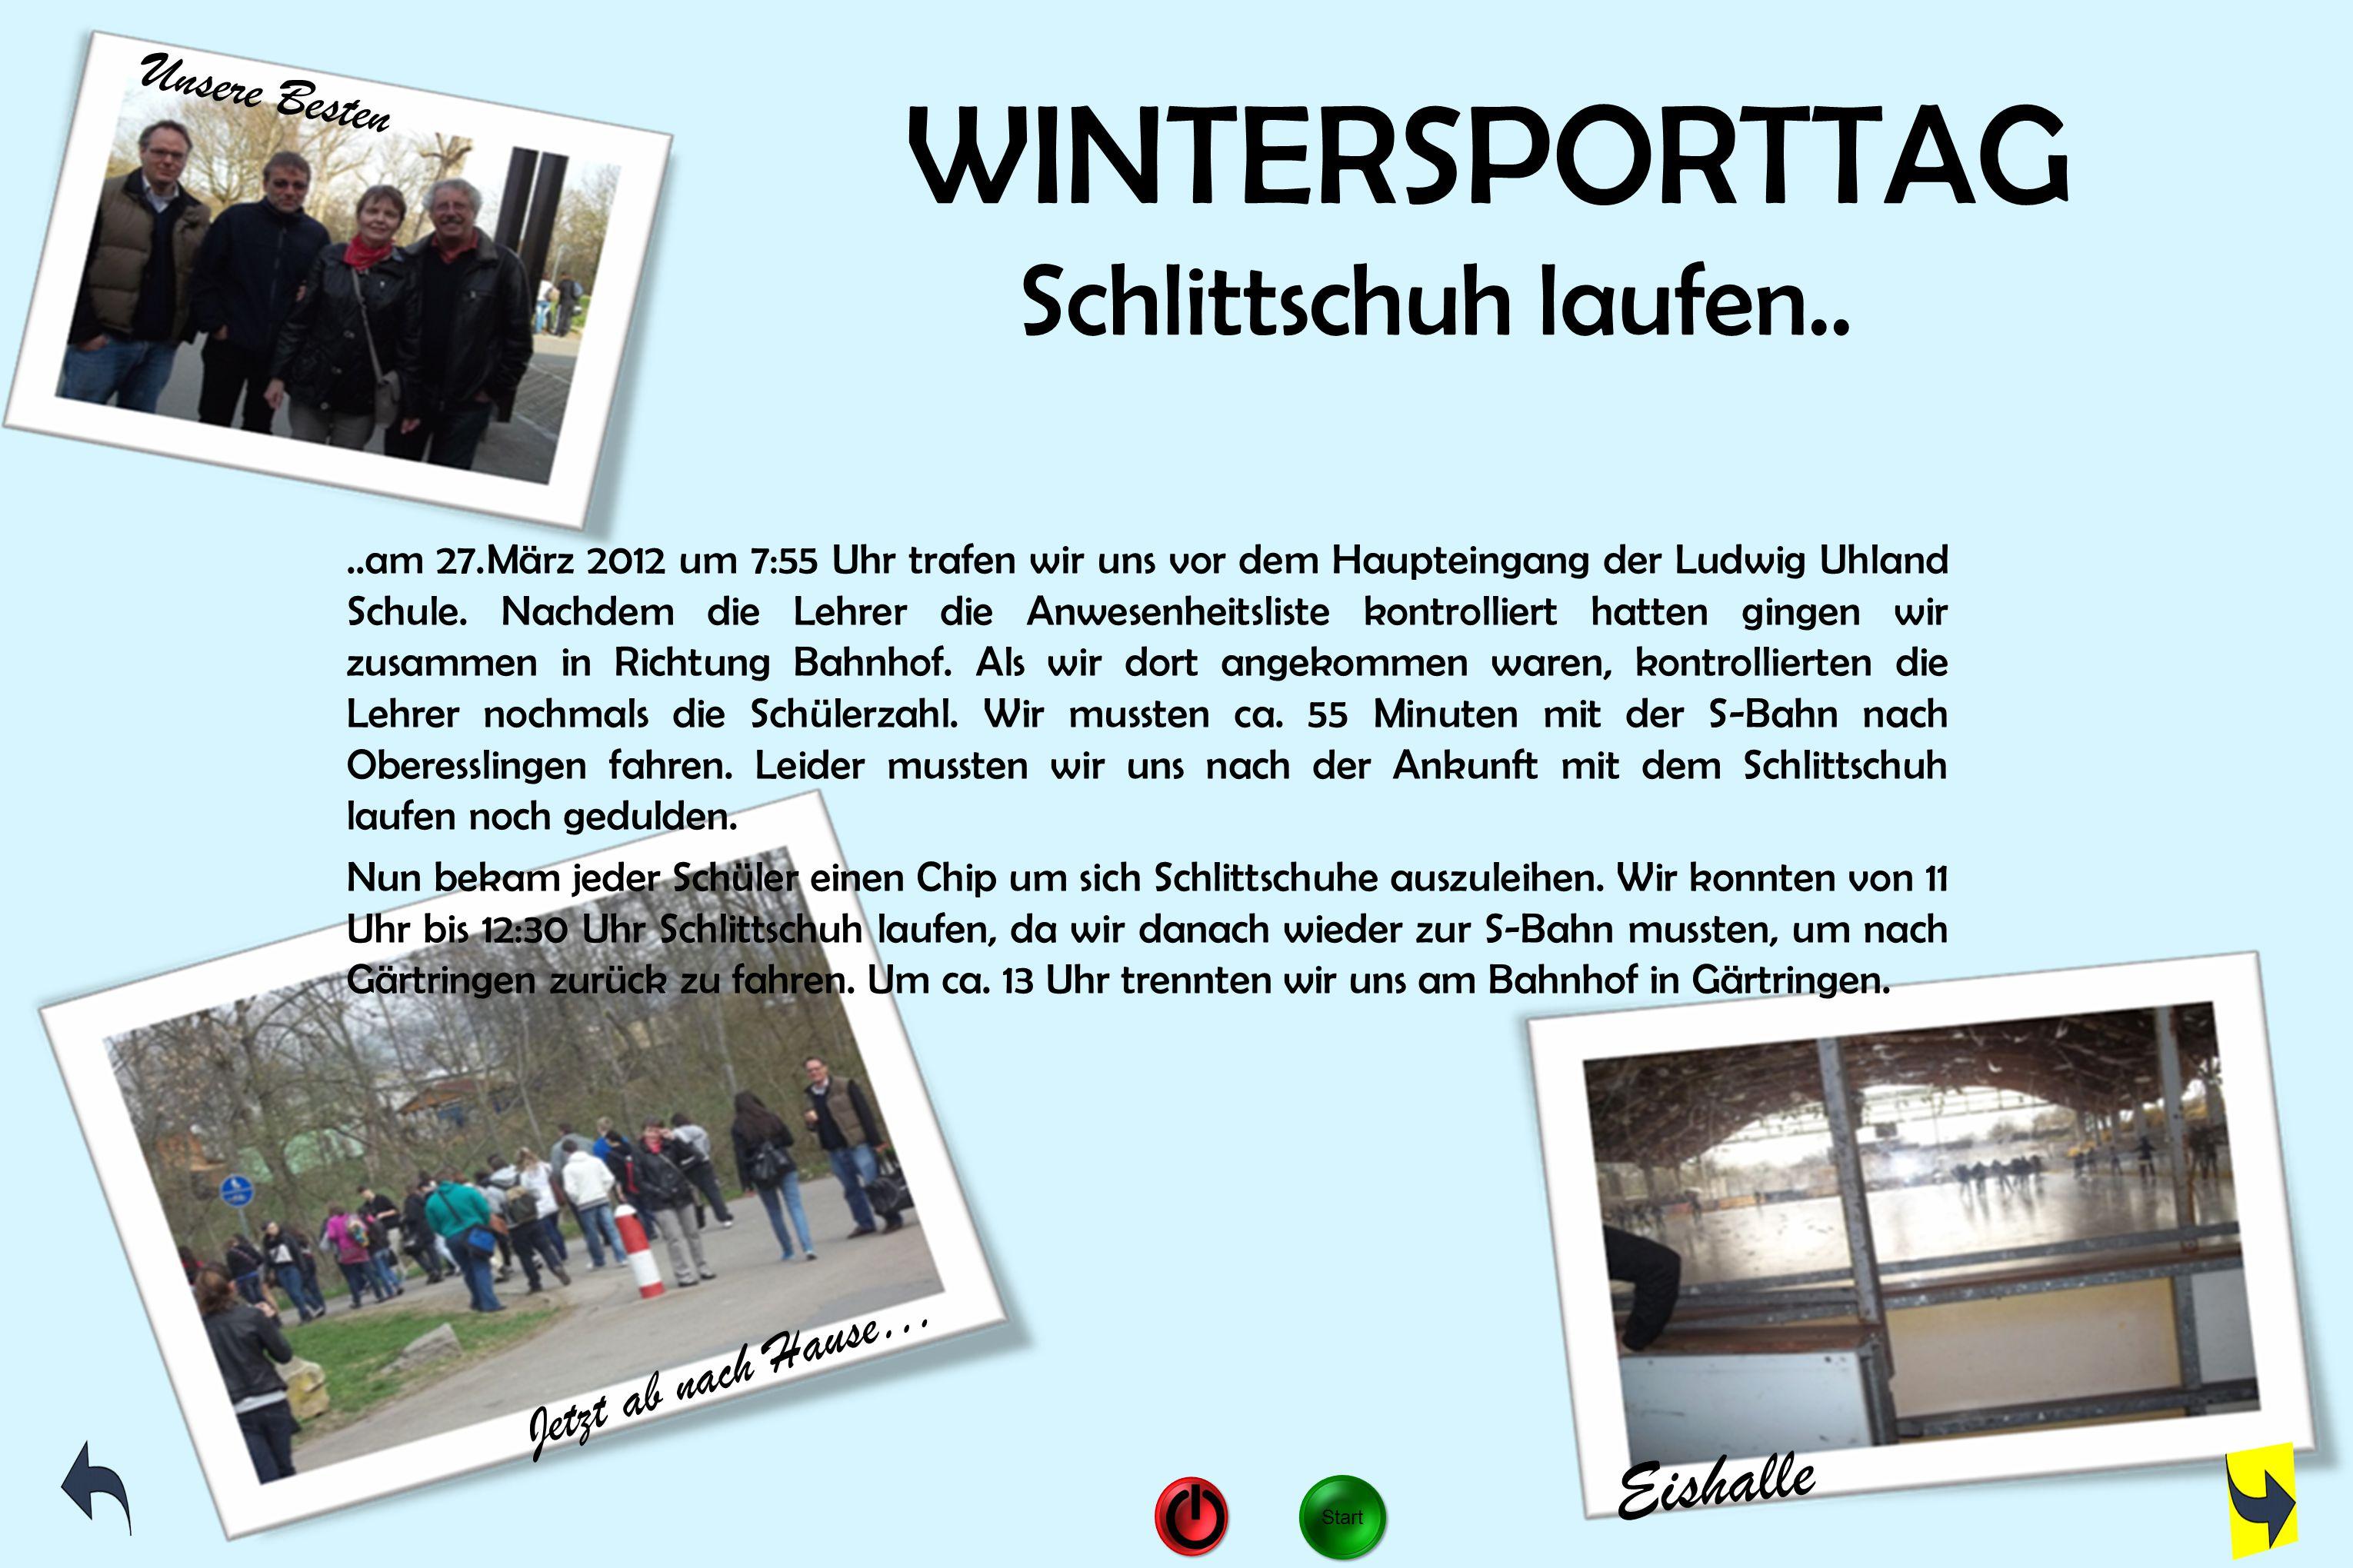 WINTERSPORTTAG Schlittschuh laufen....am 27.März 2012 um 7:55 Uhr trafen wir uns vor dem Haupteingang der Ludwig Uhland Schule. Nachdem die Lehrer die